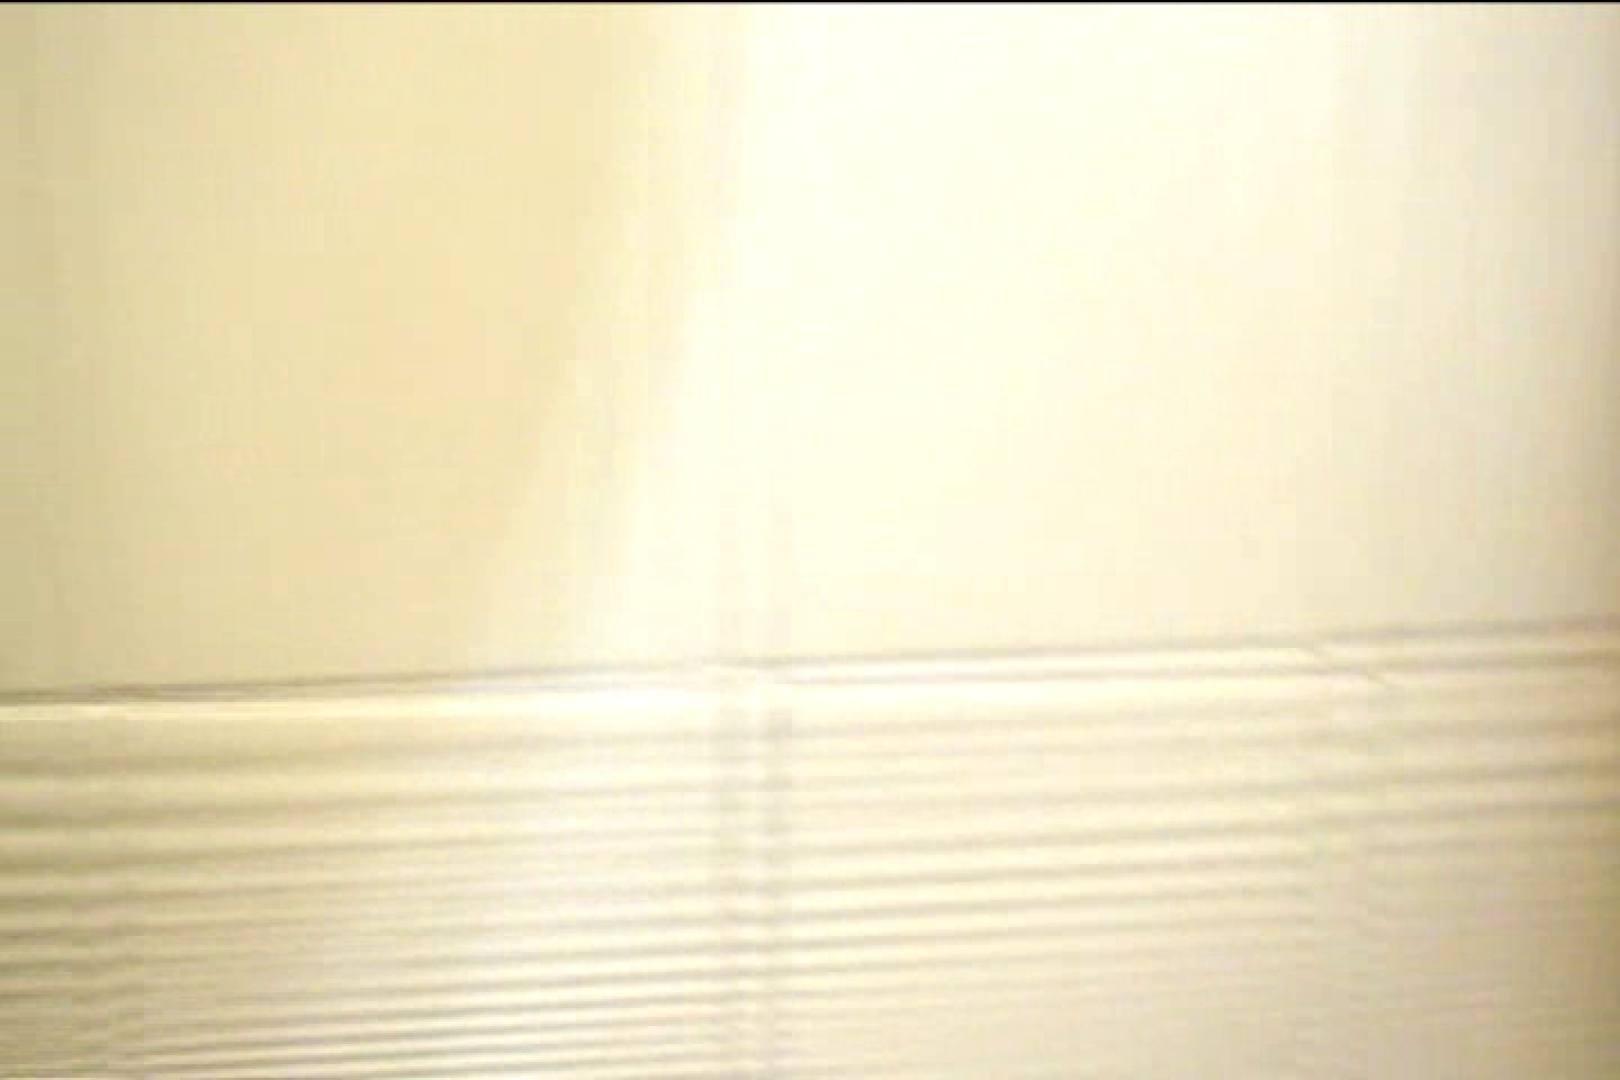 マンコ丸見え女子洗面所Vol.36 エロティックなOL オメコ動画キャプチャ 85画像 57